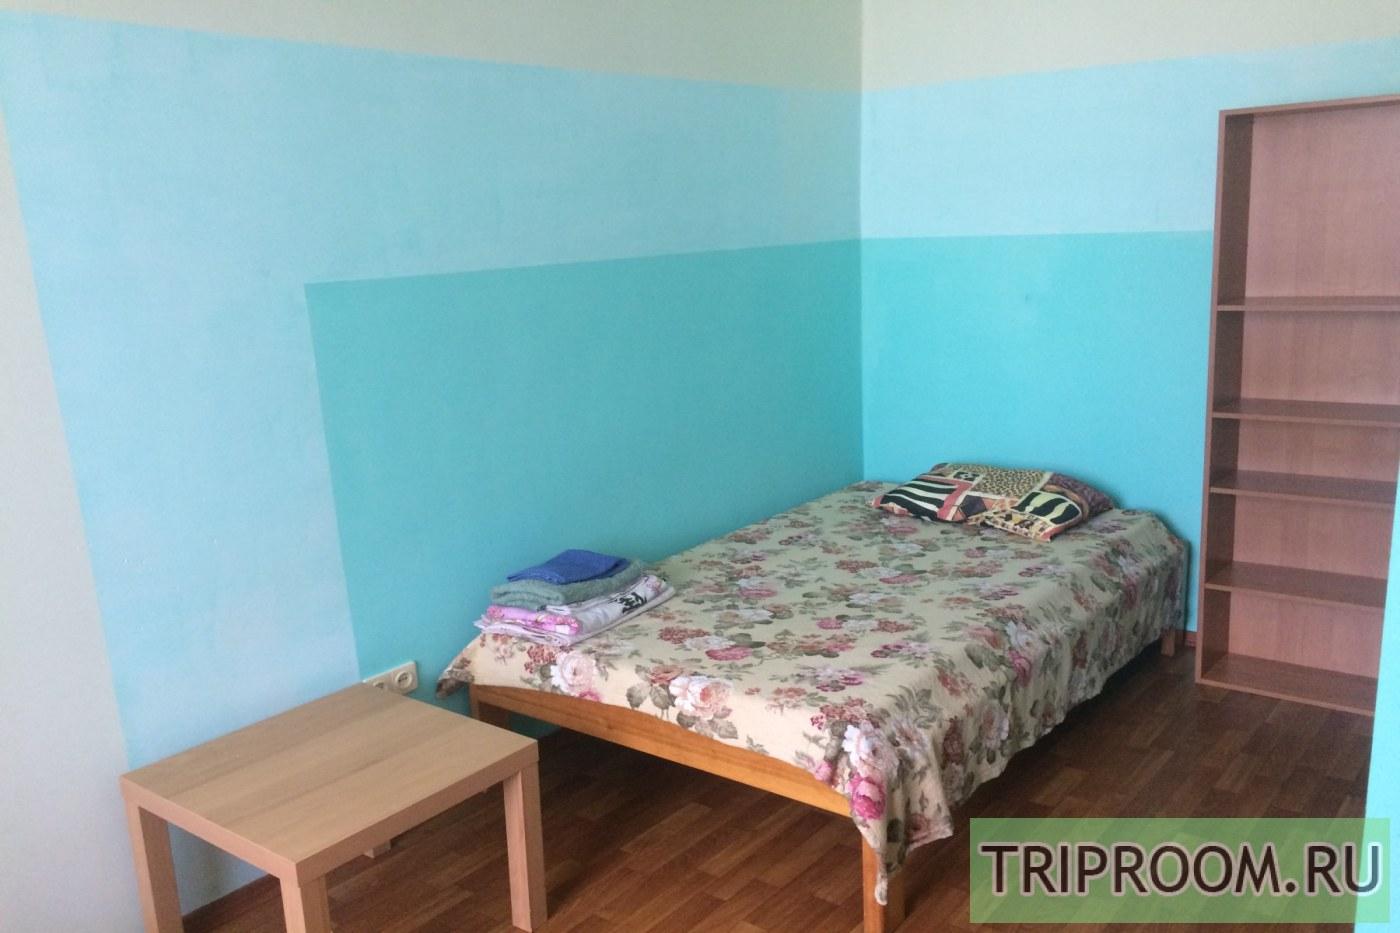 1-комнатная квартира посуточно (вариант № 37880), ул. Советская улица, фото № 2